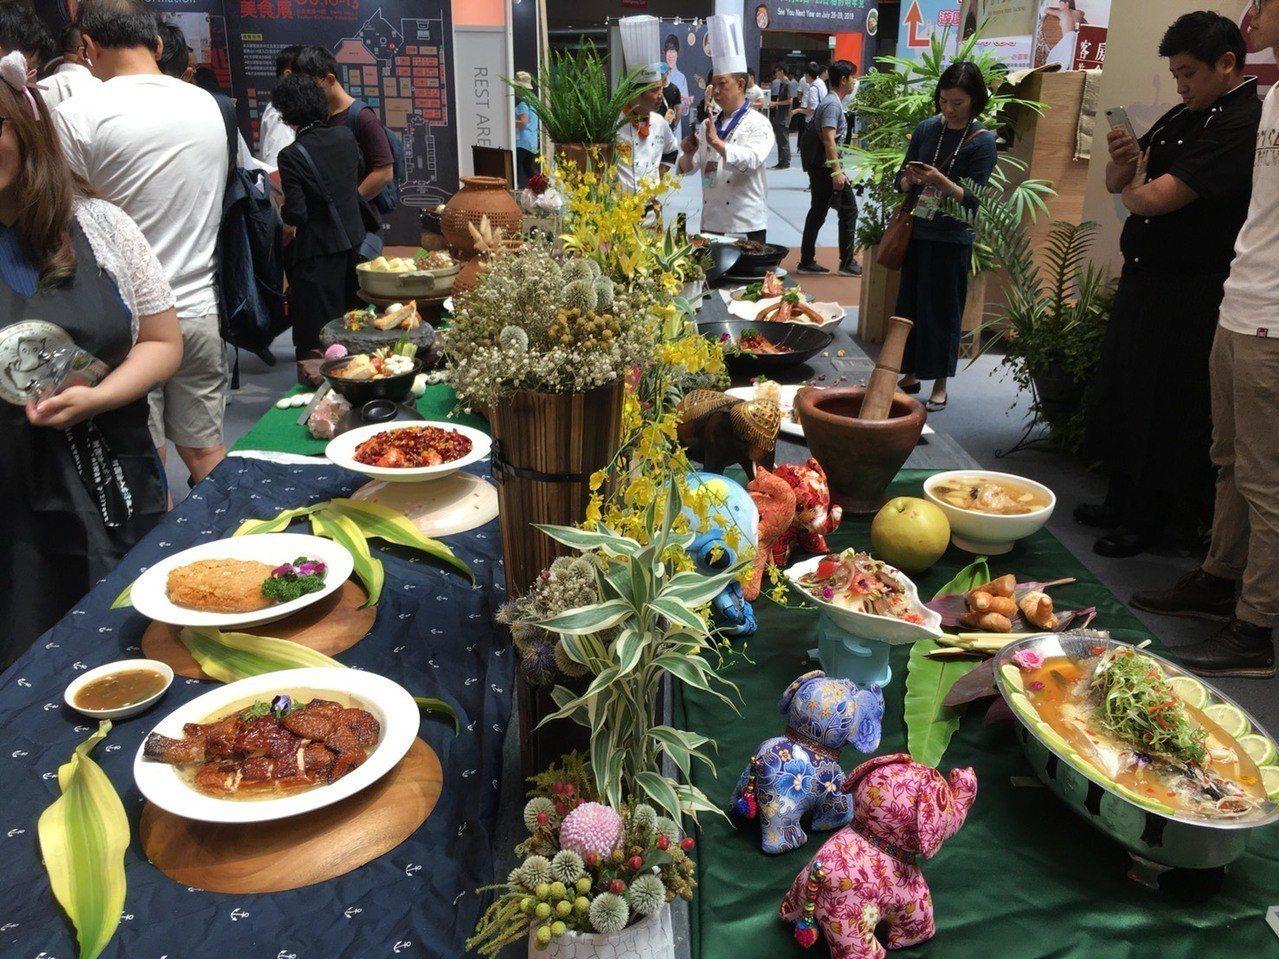 台中花博將於今年11月3日展開,為推廣觀光與美食,台中市政府連續三年參加「201...